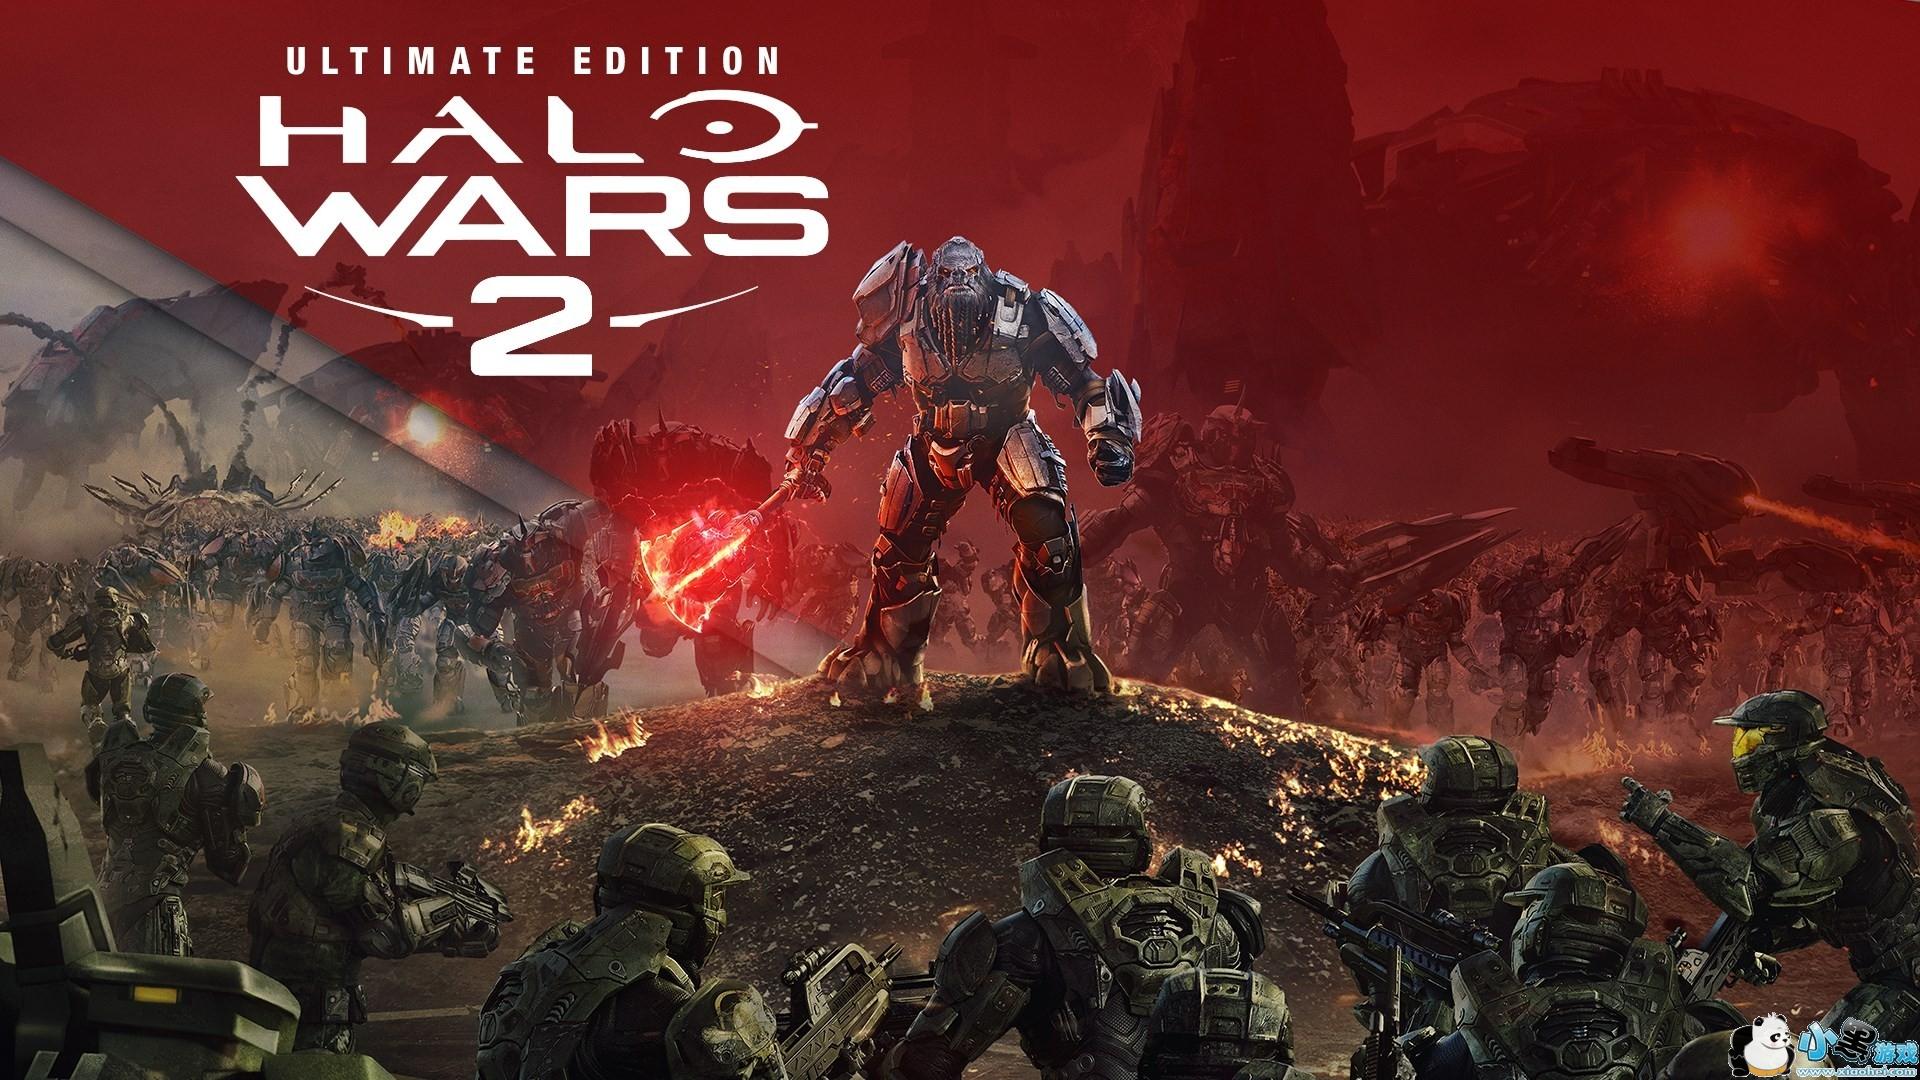 《光环战争2 Halo Wars 2: Ultimate Edition》中文版百度云迅雷下载